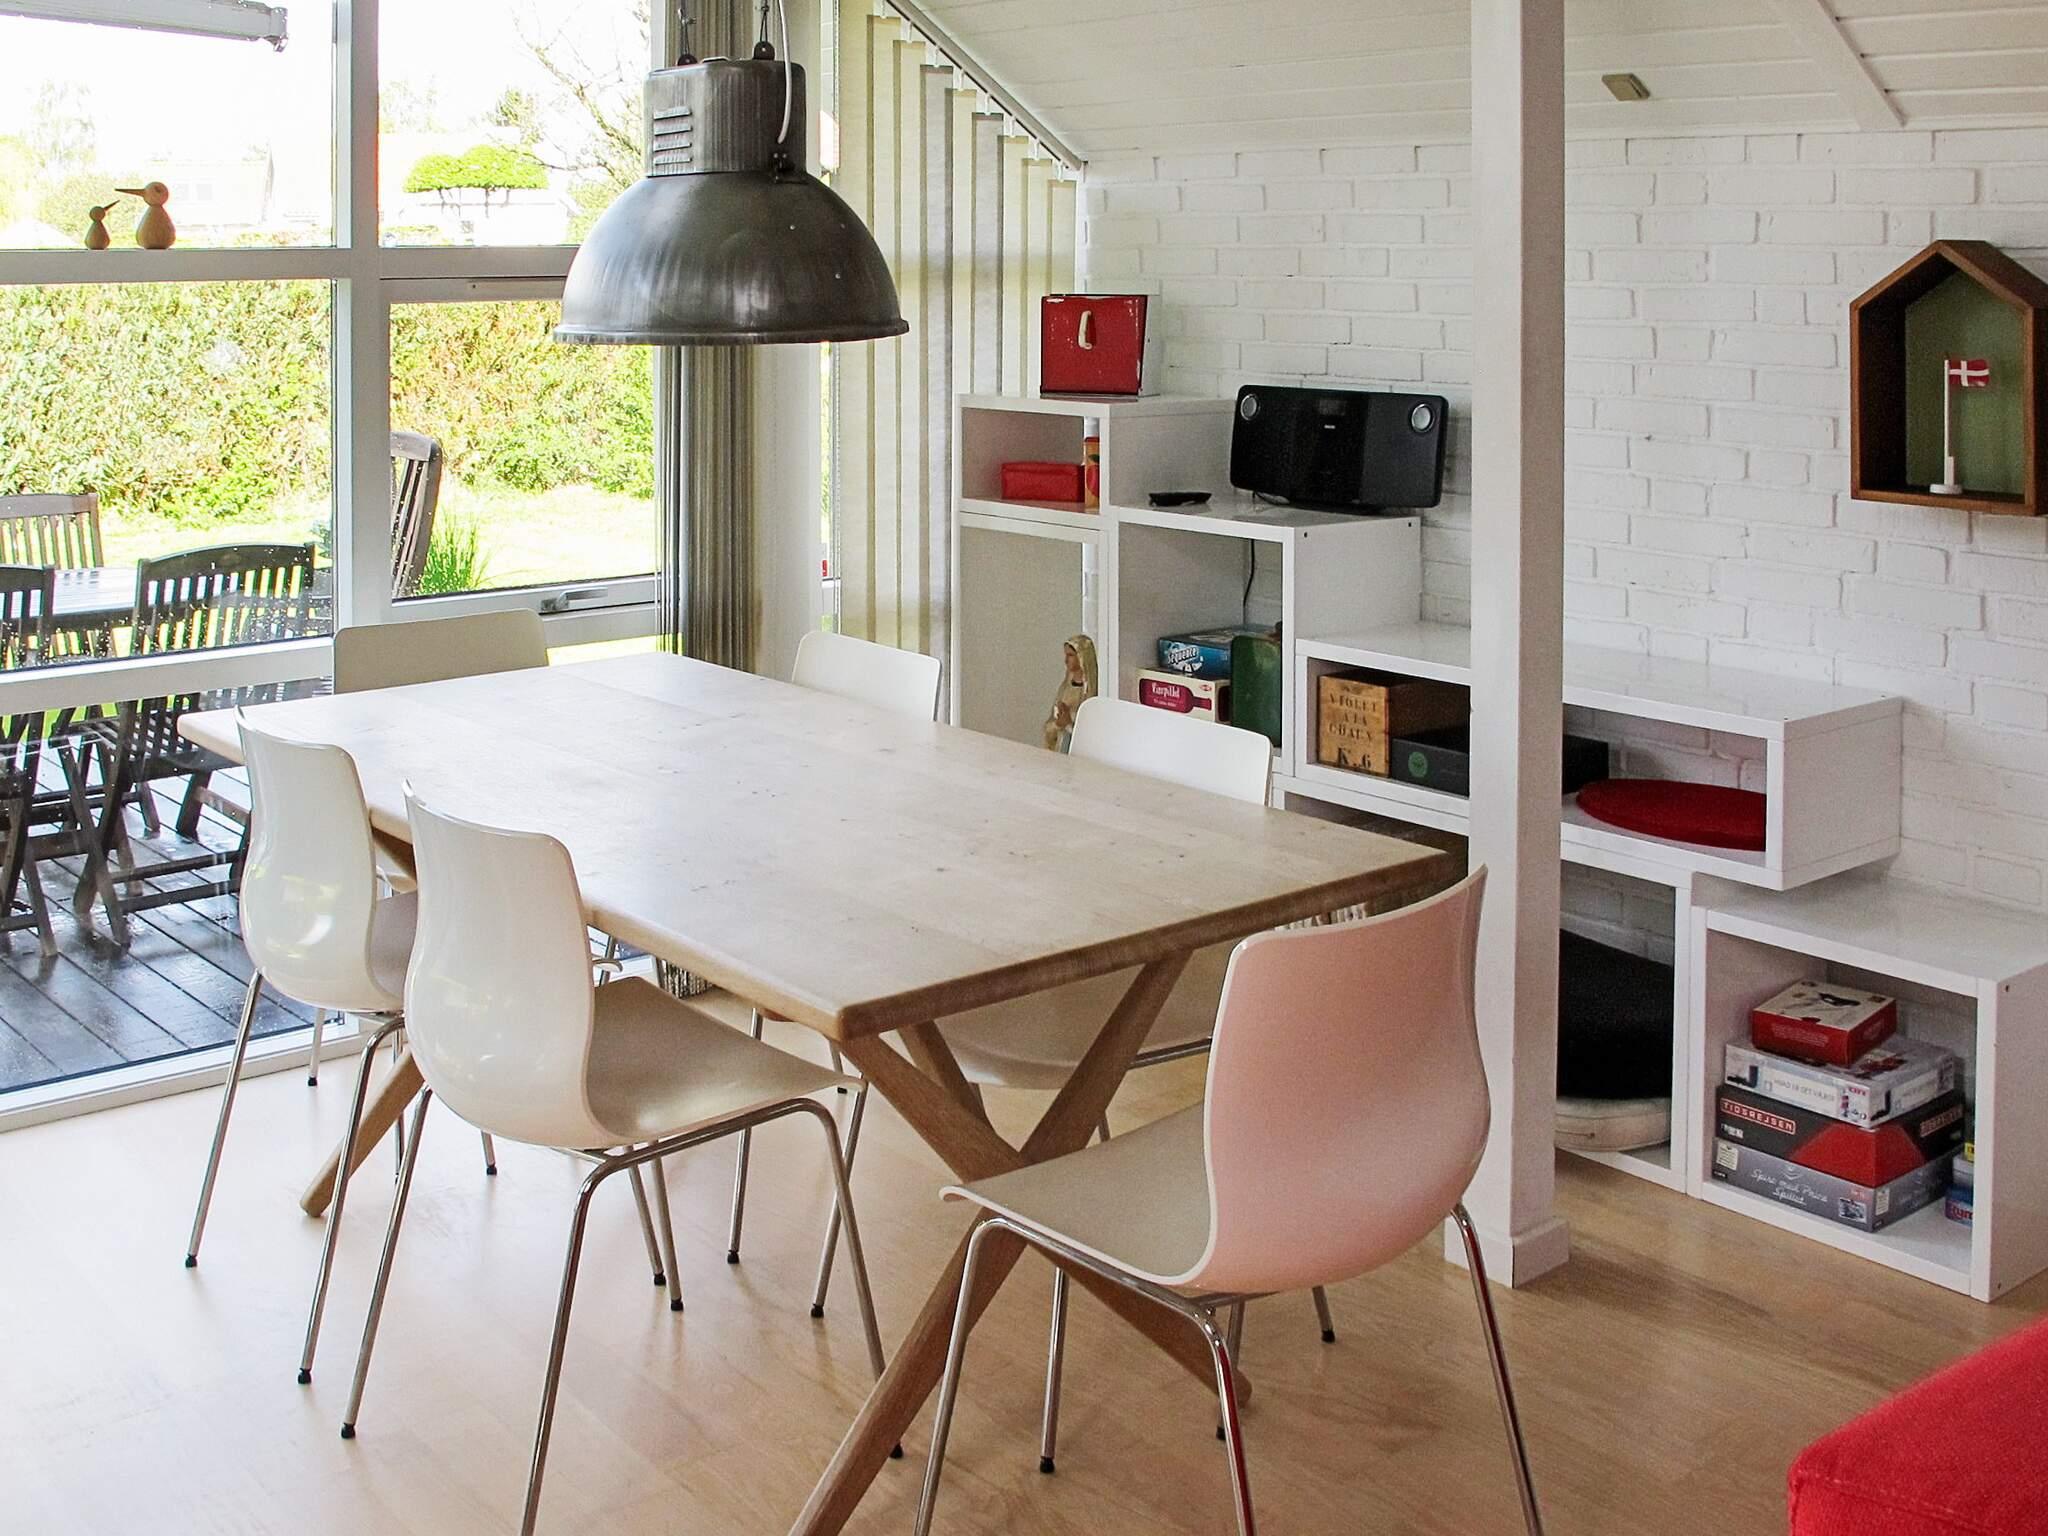 Ferienhaus Enø (2614348), Karrebæksminde, , Südseeland, Dänemark, Bild 4